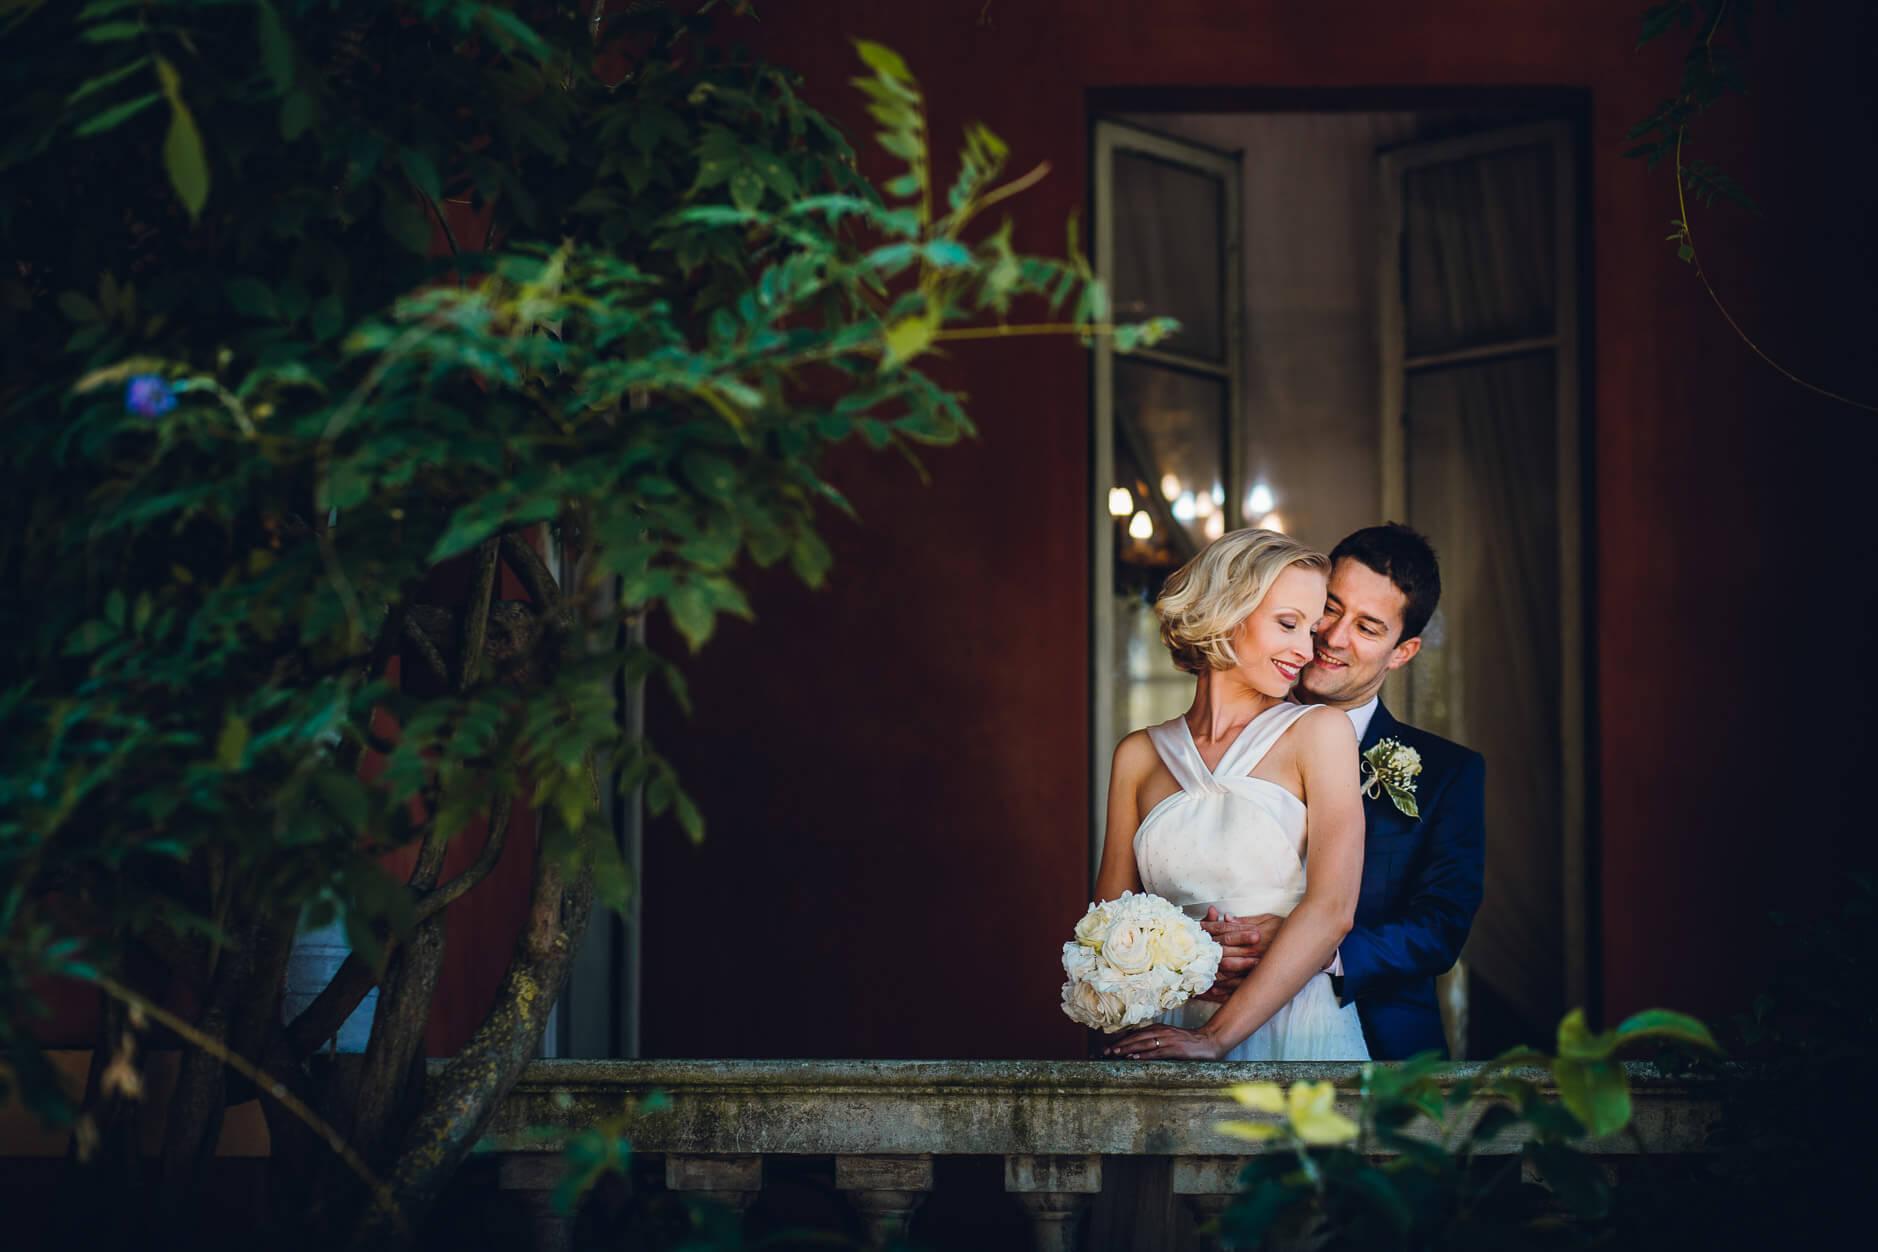 fotoreporter matrimonio ritratti